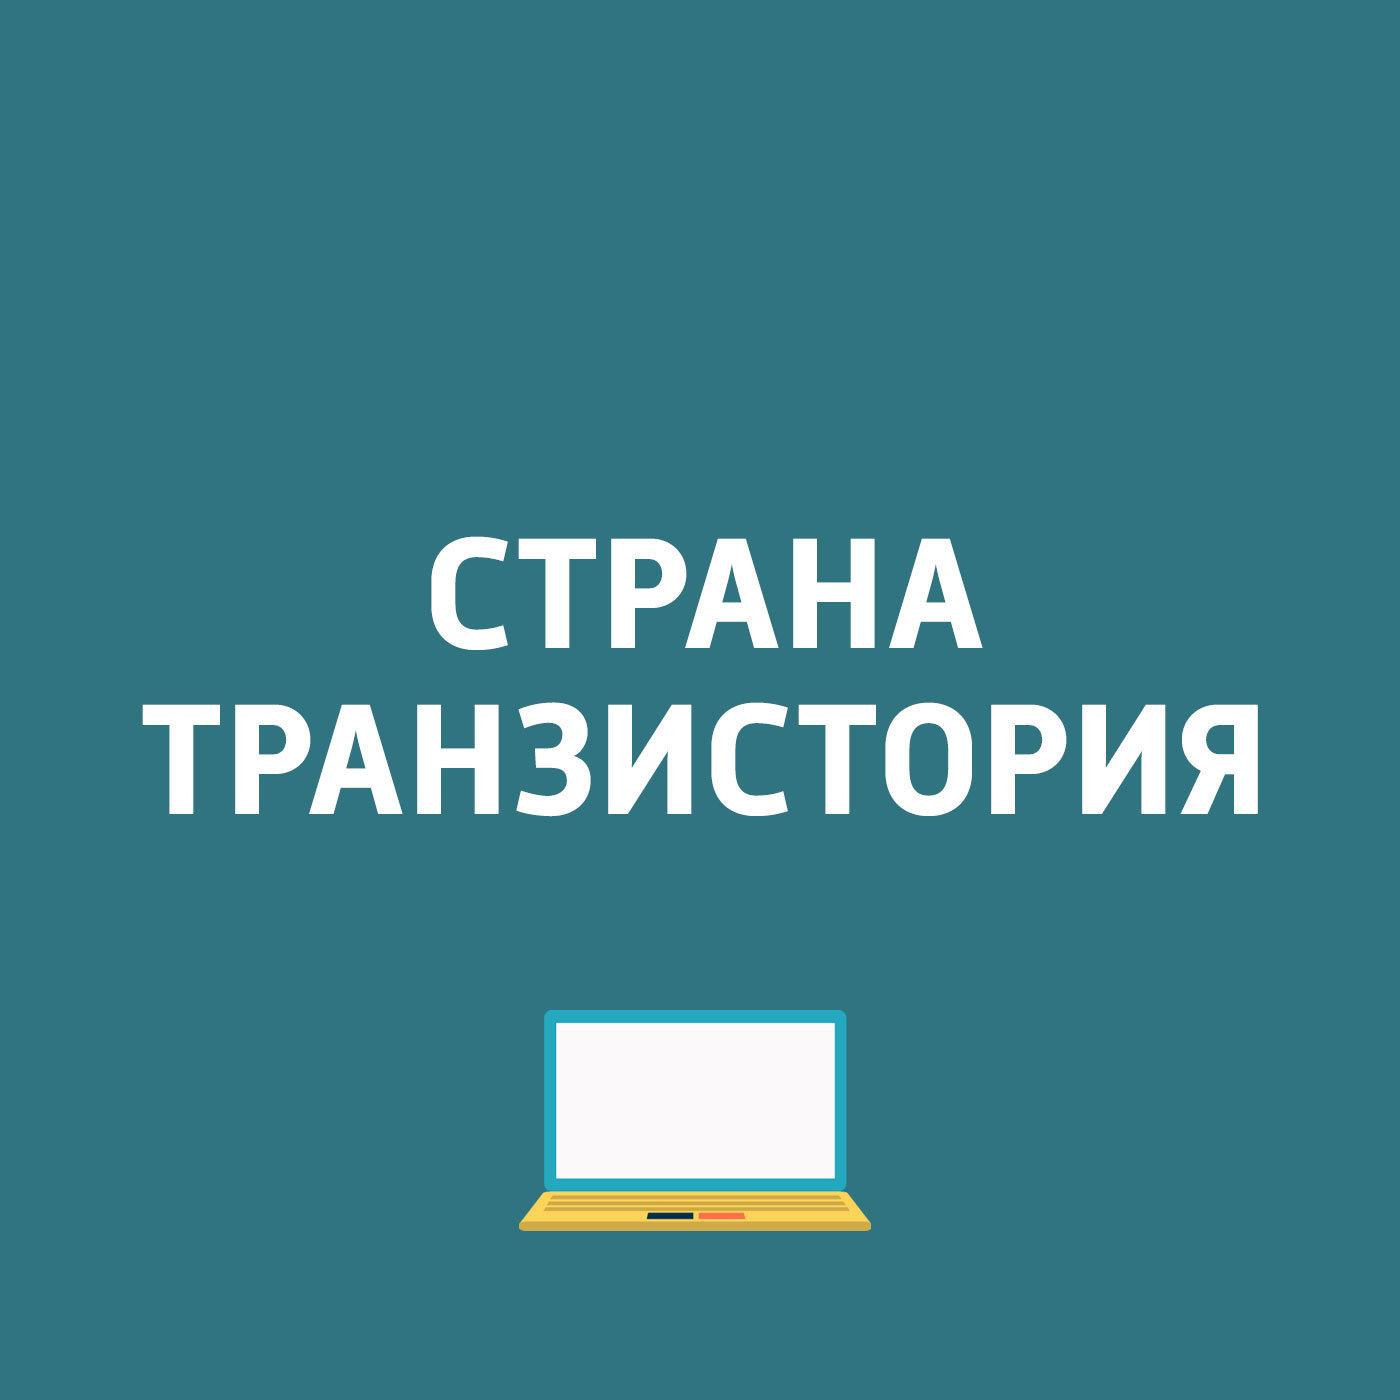 Картаев Павел Стали известны номинанты на The Game Awards 2018 картаев павел hmd global выпустила смартфон nokia 8 eset обнаружила вирус для устройств на андроиде